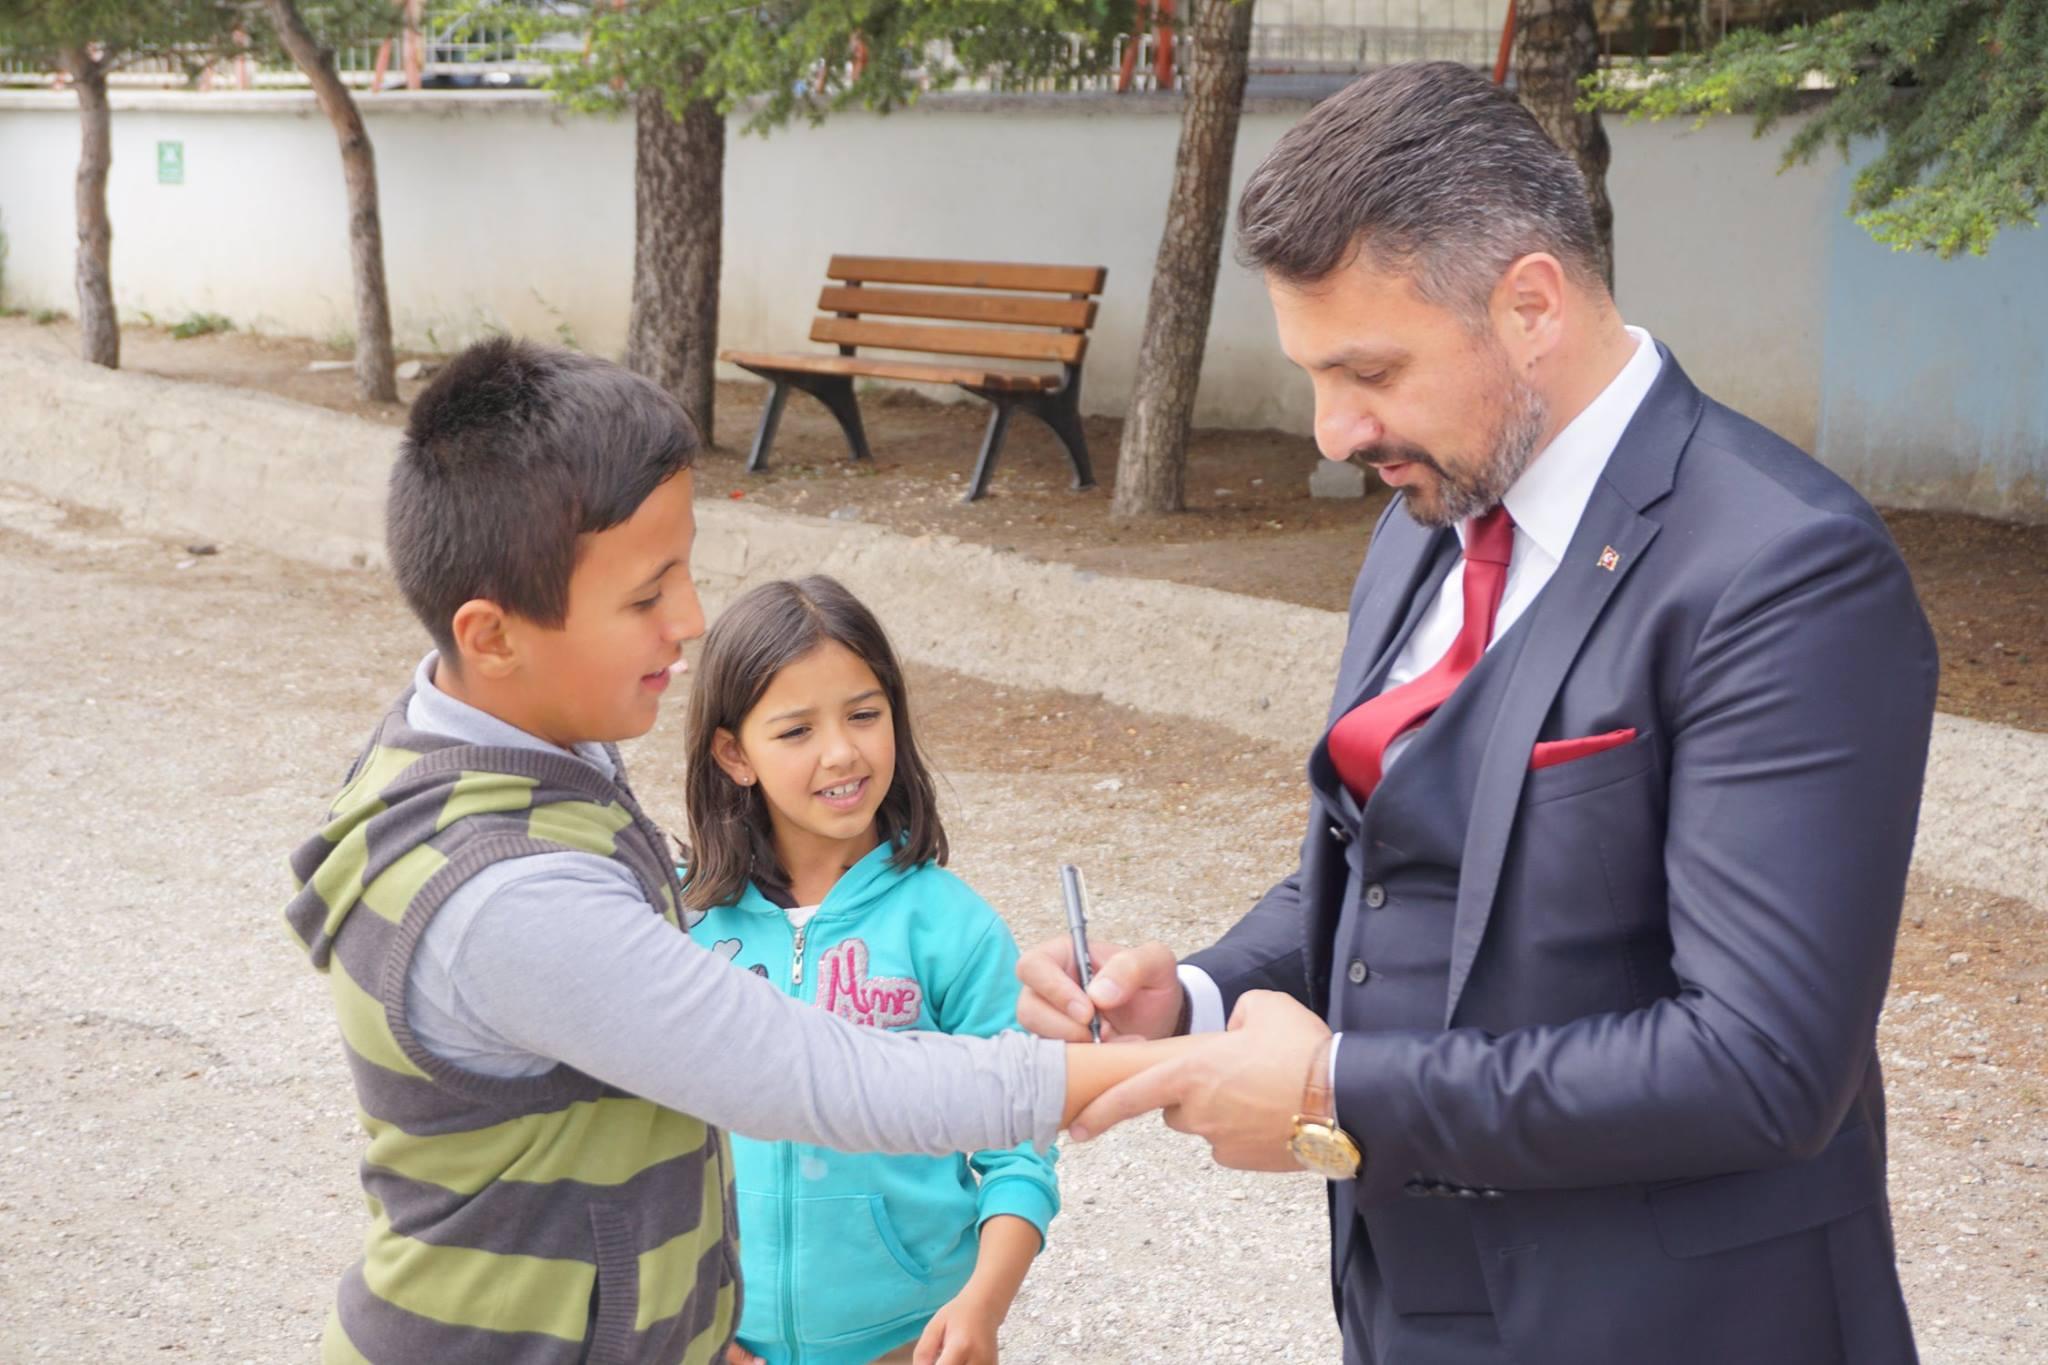 """Sivrihisar Belediye Başkanımız Hamid Yüzügüllü ve İlçe Kaymakamımız Erdinç Yılmaz ilçemiz Hasan Karacalar Ortaokulu öğrencileri tarafından hazırlanan MEB ve TÜBİTAK işbirliği ile gerçekleştirilen """" Bilim Fuarı """" açılışını gerçekleştirerek, öğrencilerden projelerini dinlediler."""